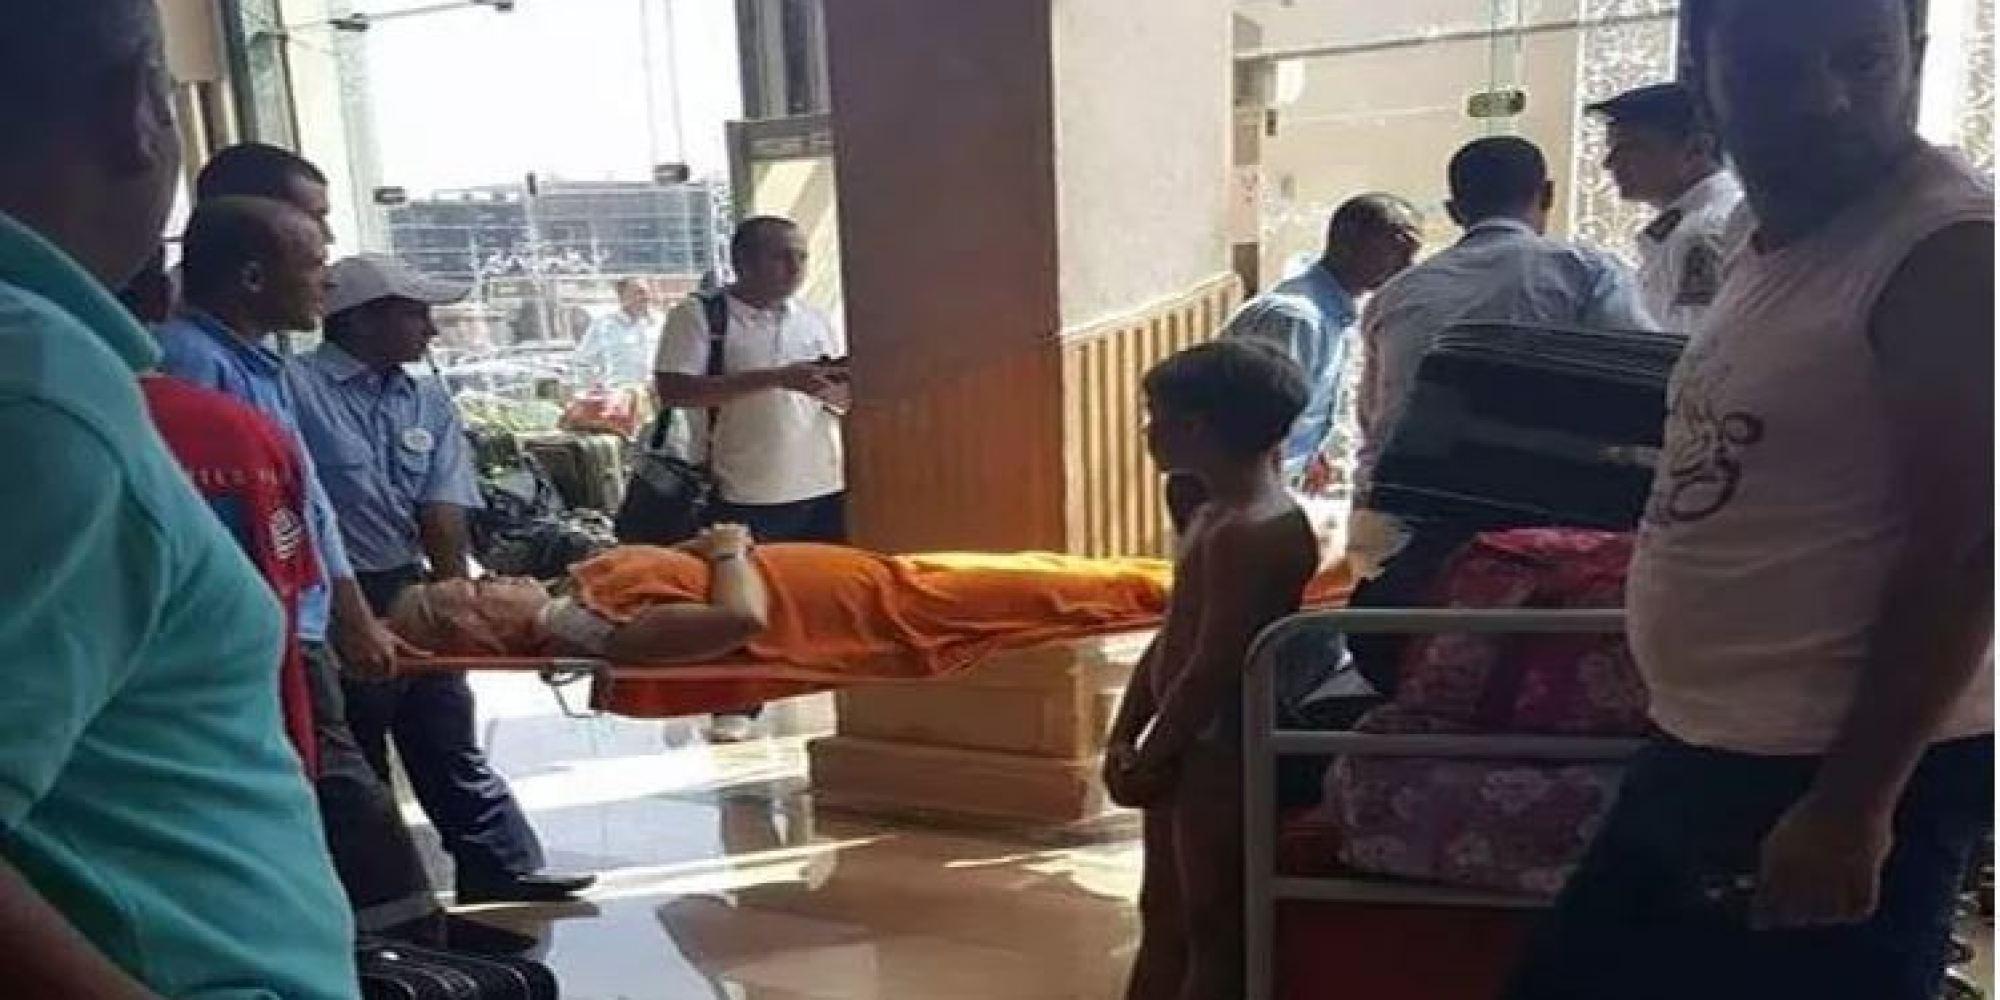 معلومات جديدة حول مقتل سائحتين في هجوم على ساحل فندق بمصر